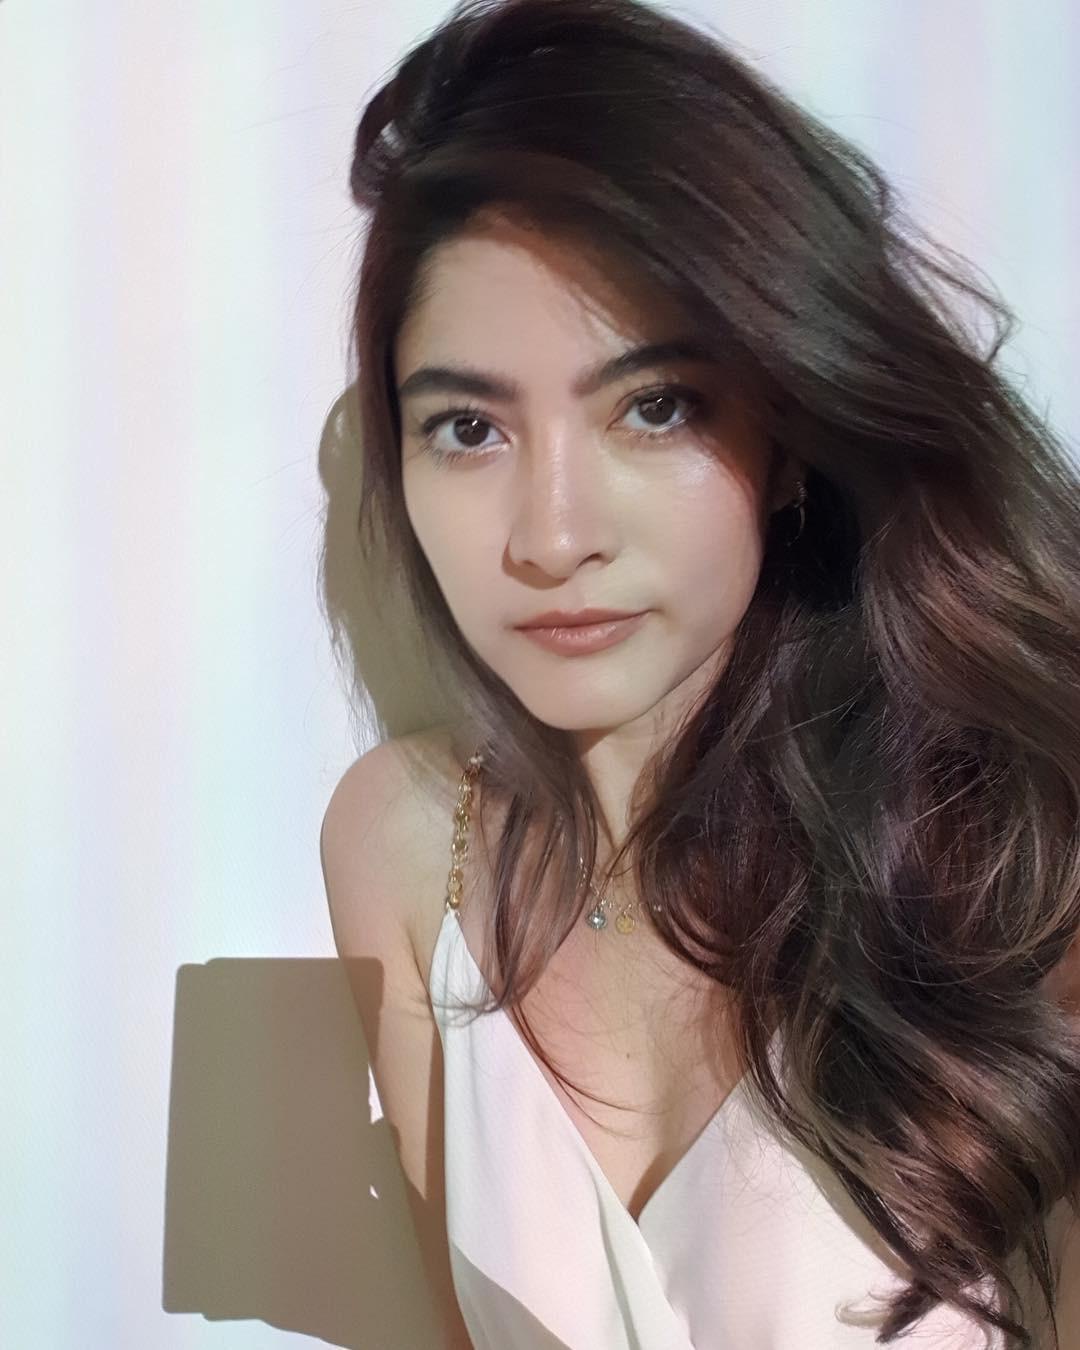 Top 10 mỹ nhân đẹp nhất đài truyền hình quyền lực Thái Lan: Toàn 9X đắt giá nhưng vẫn bị chị đại quyền lực vượt mặt - Ảnh 32.